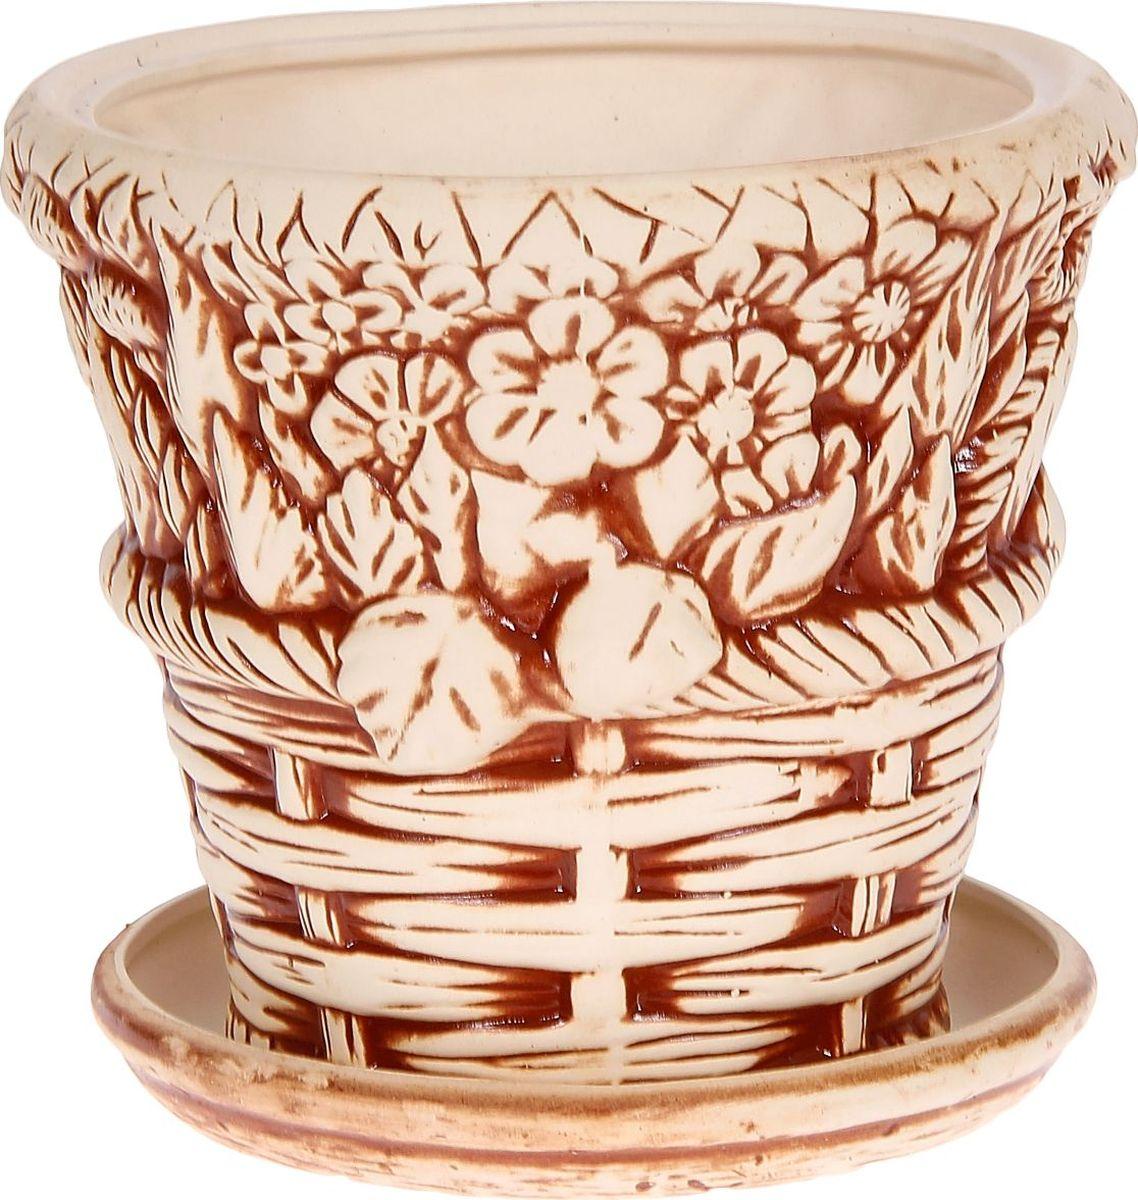 Кашпо Керамика ручной работы Корзинка, цвет: коричневый, 6 л1114288Комнатные растения — всеобщие любимцы. Они радуют глаз, насыщают помещение кислородом и украшают пространство. Каждому из них необходим свой удобный и красивый дом. Кашпо из керамики прекрасно подходят для высадки растений: за счёт пластичности глины и разных способов обработки существует великое множество форм и дизайновпористый материал позволяет испаряться лишней влагевоздух, необходимый для дыхания корней, проникает сквозь керамические стенки! #name# позаботится о зелёном питомце, освежит интерьер и подчеркнёт его стиль.